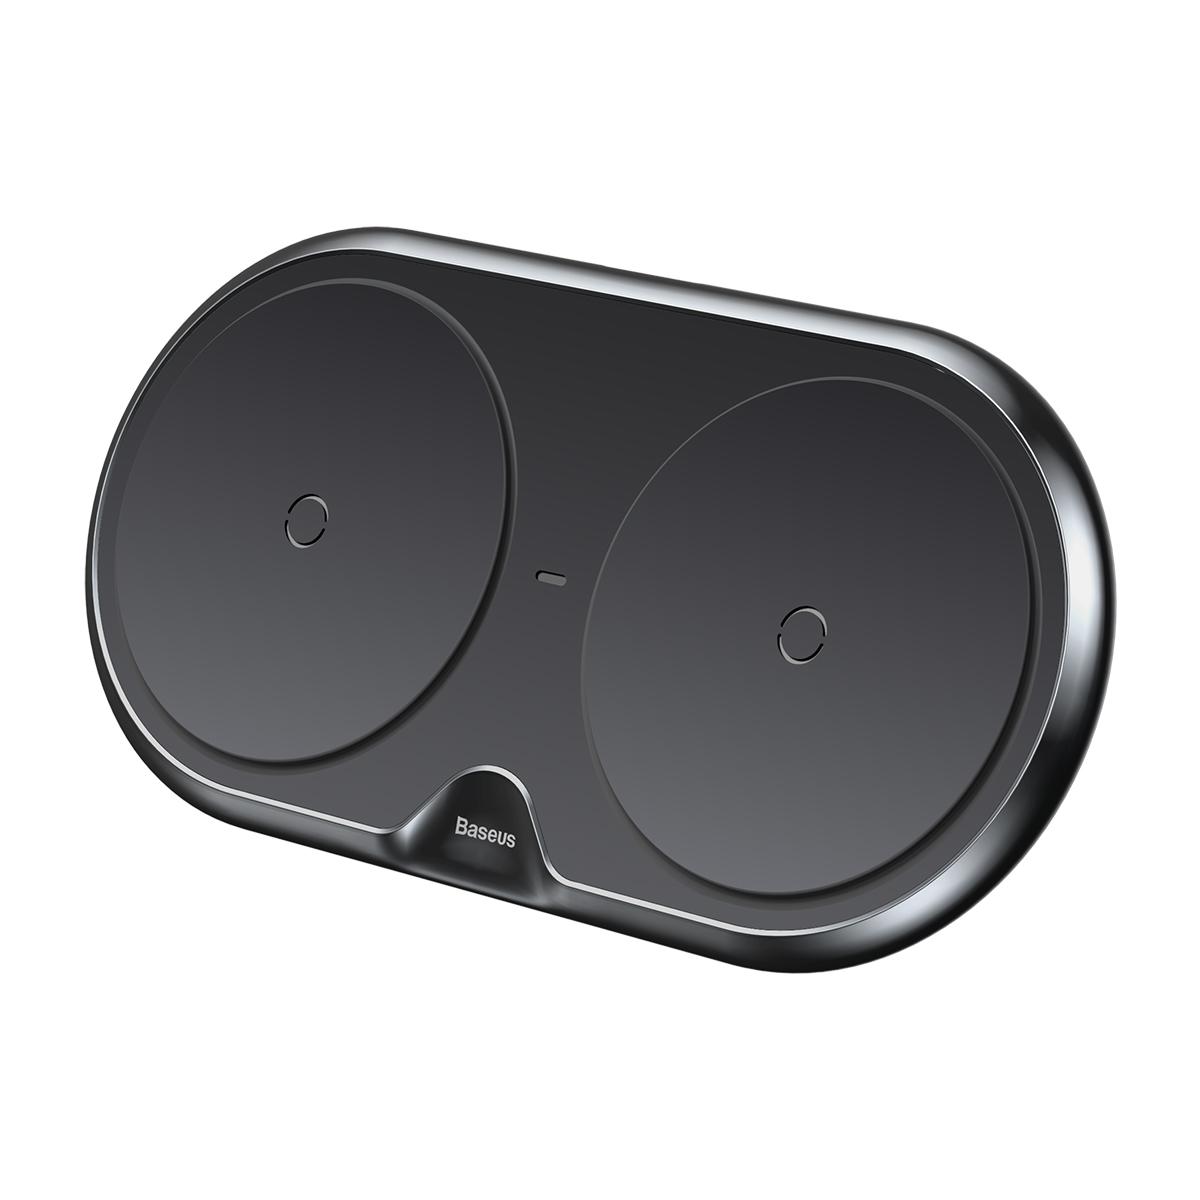 Беспроводное зарядное Baseus Dual Wireless Charger Black(With white EU Quick 3.0 Wall Charger&Cable as gift) цена и фото